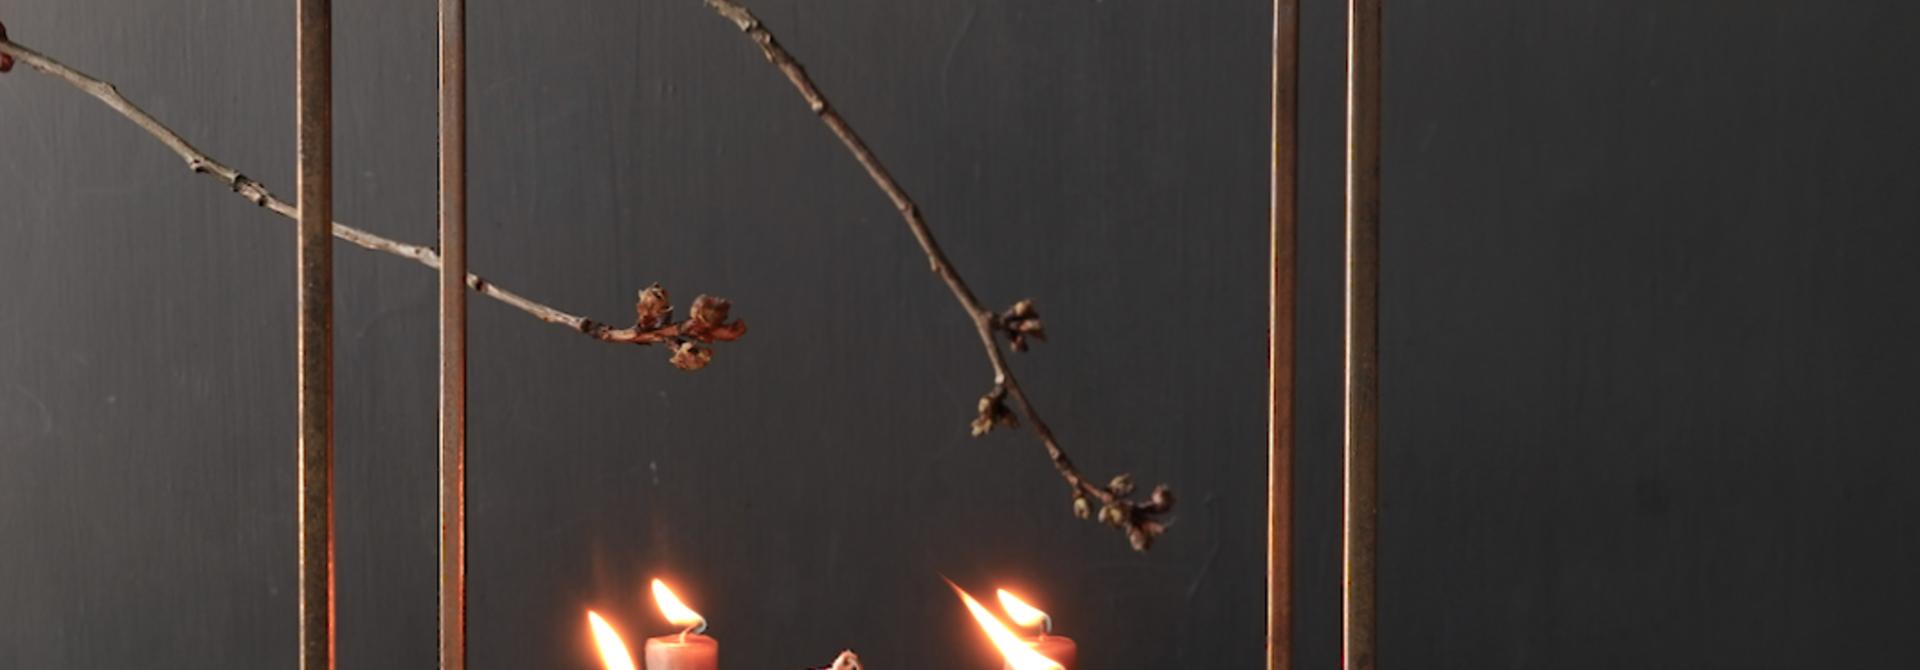 Metalen brons kleurig kaarsen houder